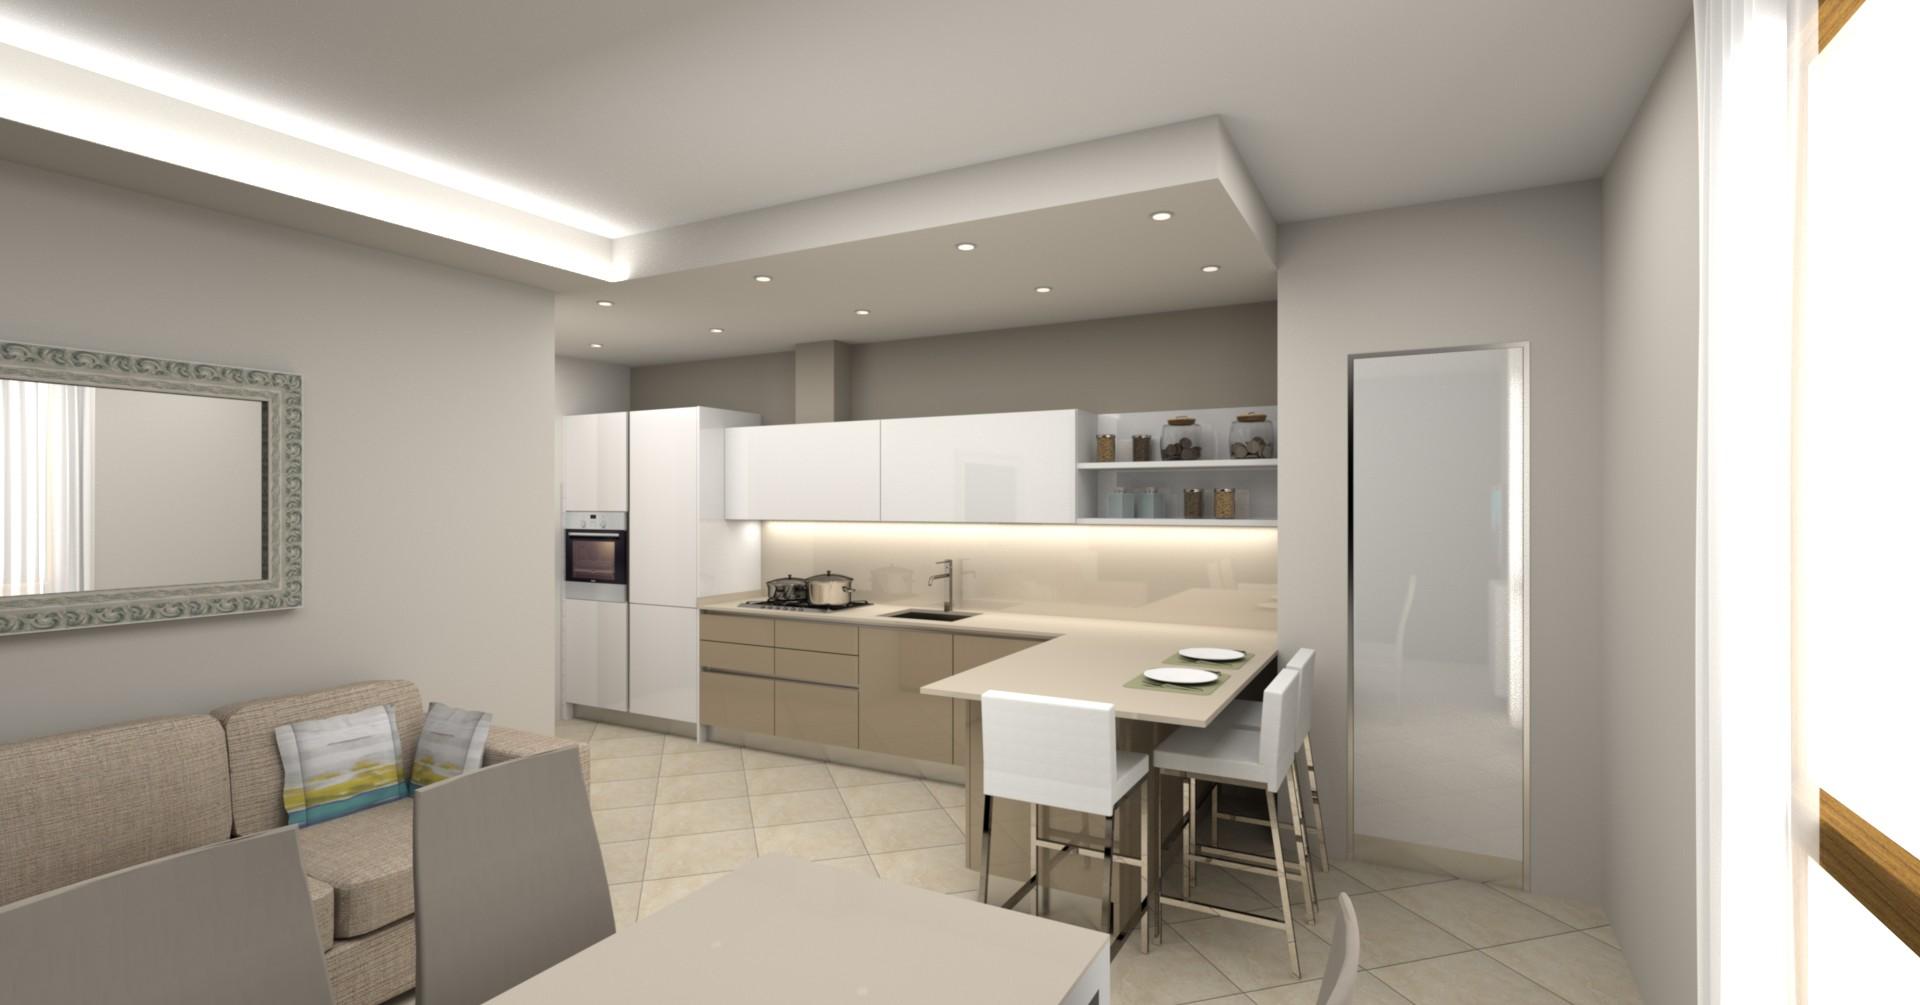 Cucina E Salotto.Ristrutturazione Cucina E Soggiorno Arredamenti Campana